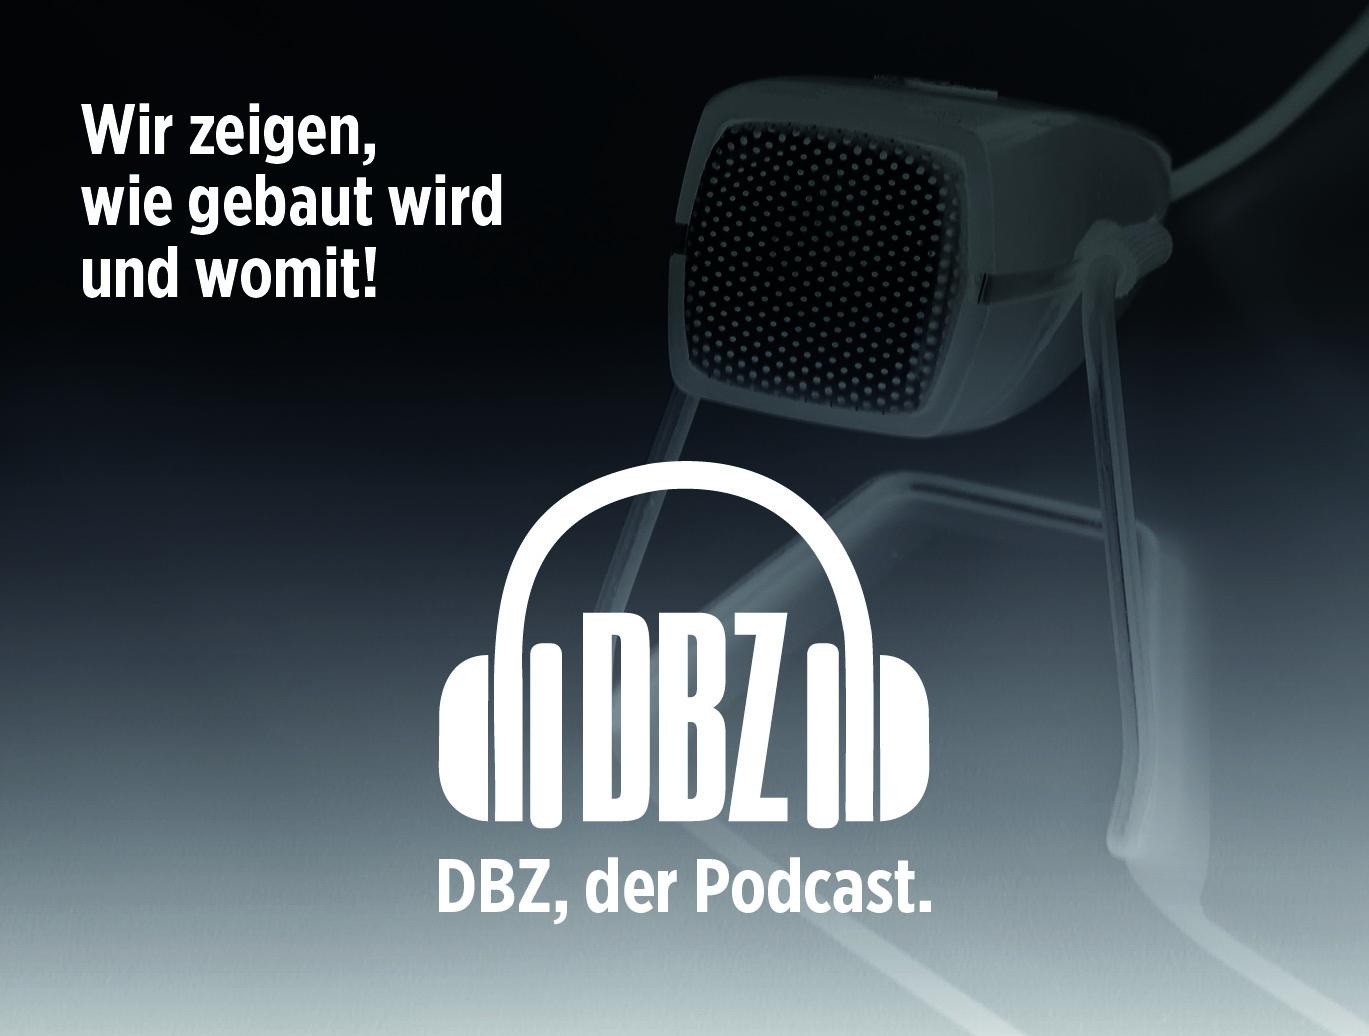 Planen und Bauen zum Hören: Die DBZ Deutsche BauZeitschrift startet Architektur-Podcast (Grafik: DBZ)